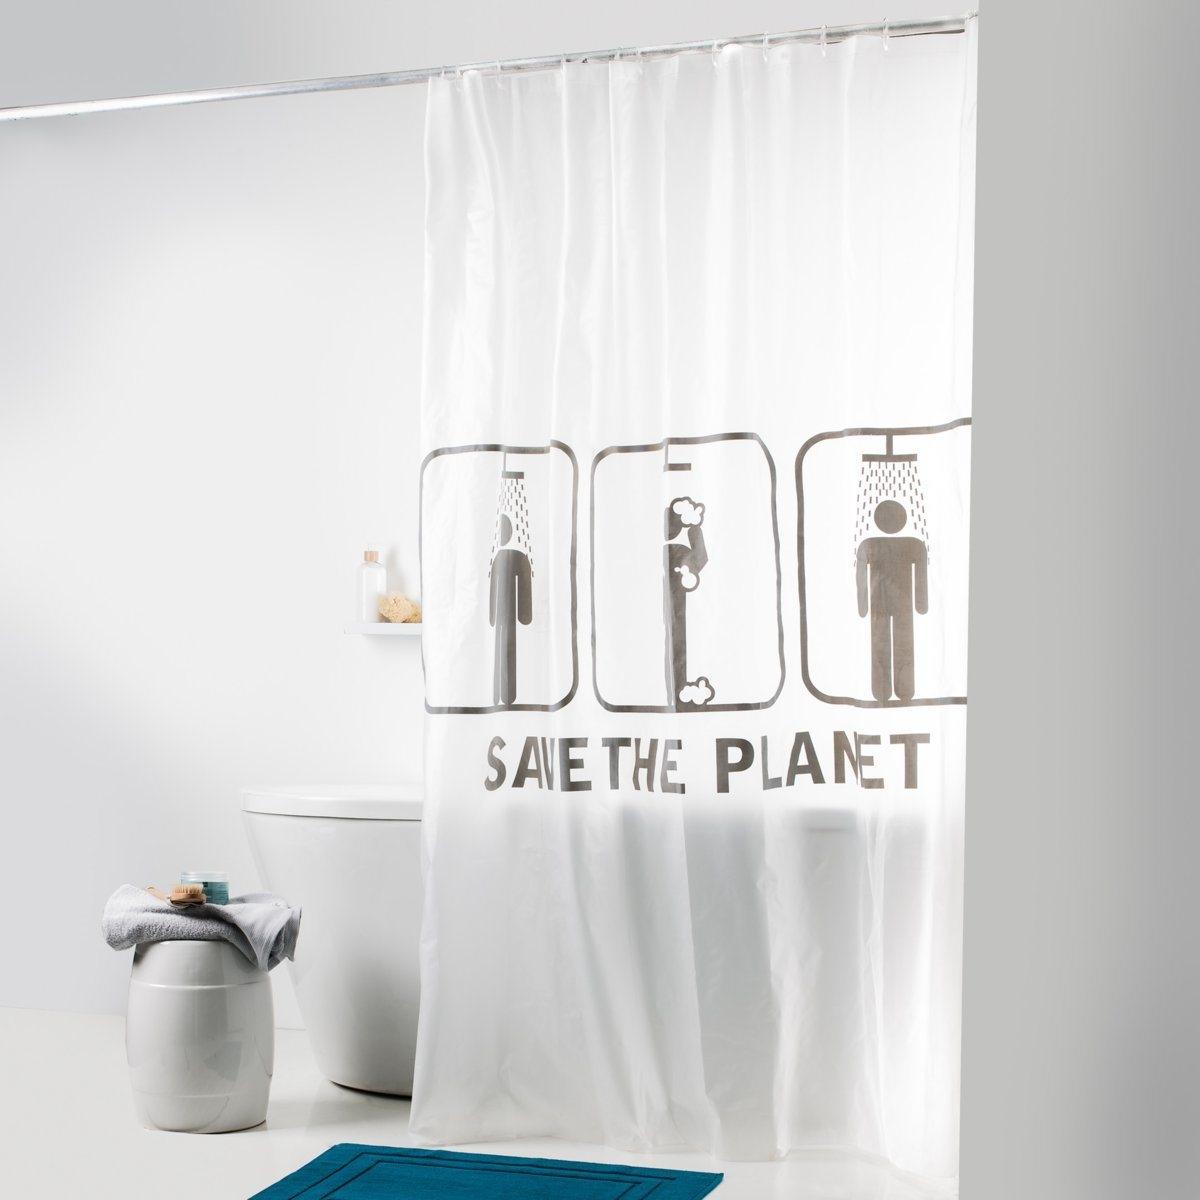 Штора для душаШтора Спасем планету с рисунком на белом фоне для современной ванной! 100% ПЭВА. В комплекте прозрачные пластиковые крючки для крепления. Размер: высота 200 см, ширина 180 см.<br><br>Цвет: белый прозрачный